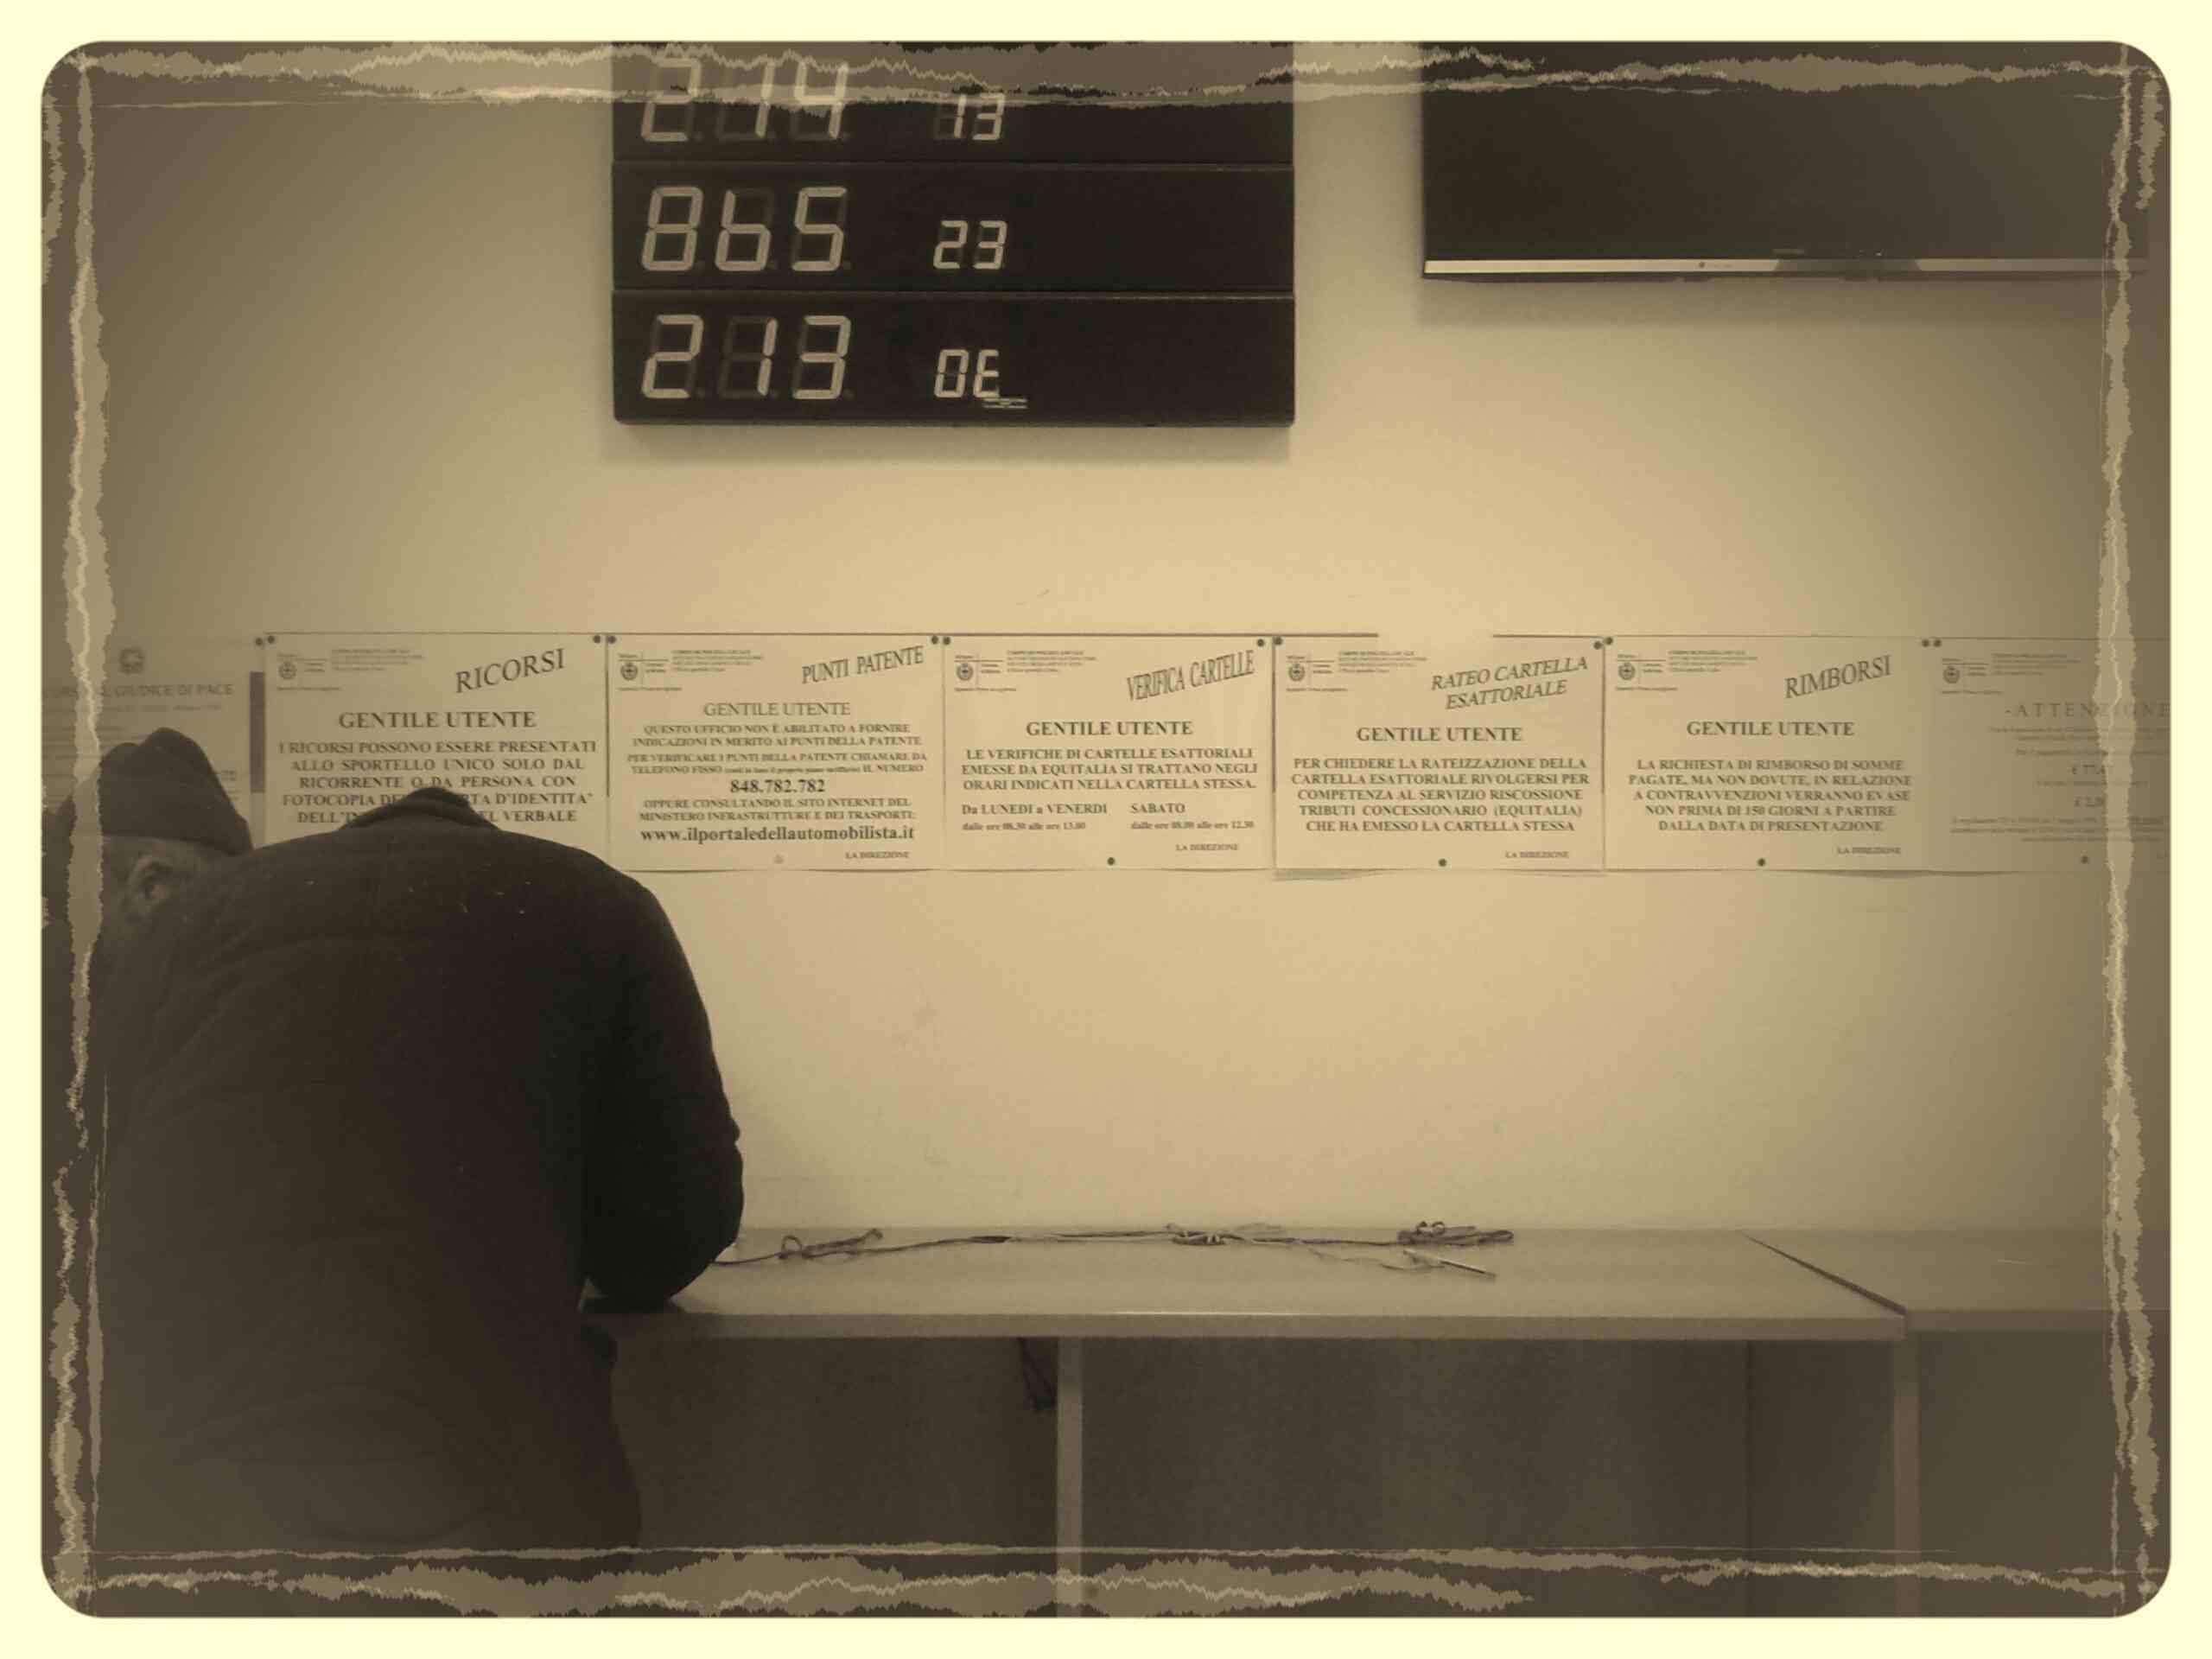 codice univoco ufficio fatturapa studiopcg consulenze immobiliari in firenze pezzoli e carniani geometri